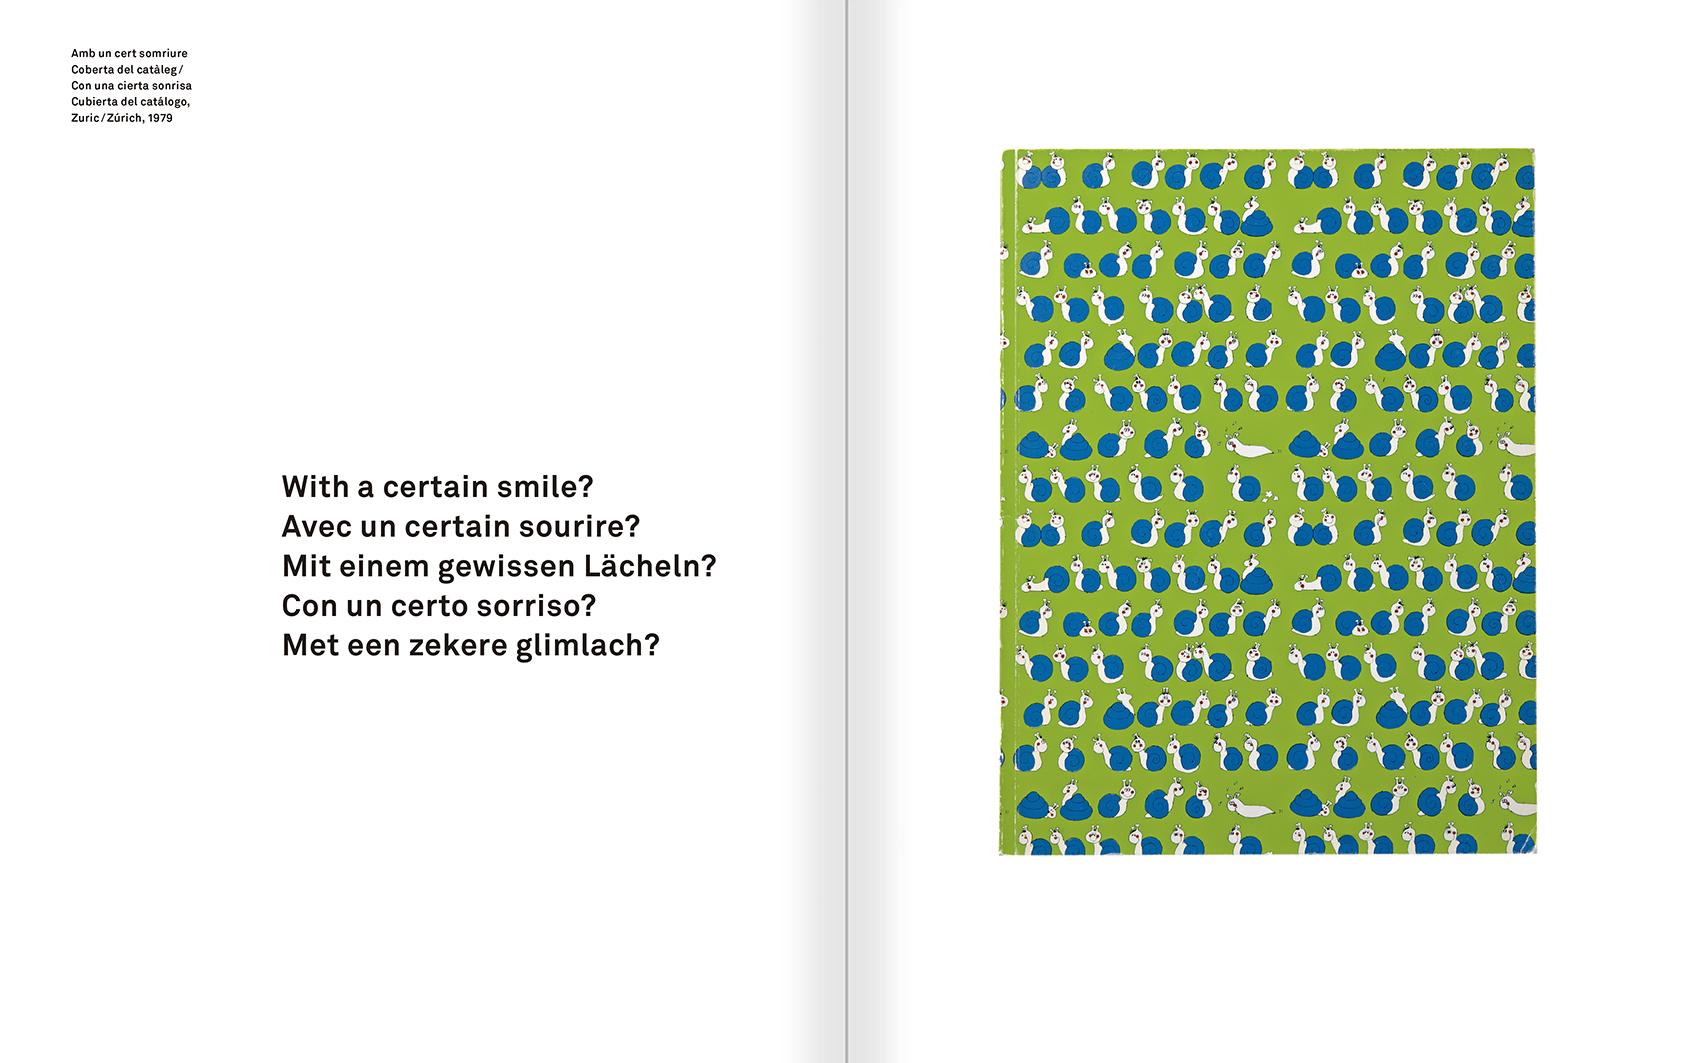 """Selecció del catàleg """"Amb la probabilitat de ser vist. Dorothee i Konrad Fischer: Arxius d'una actitud"""" pàgines 92 i 93"""